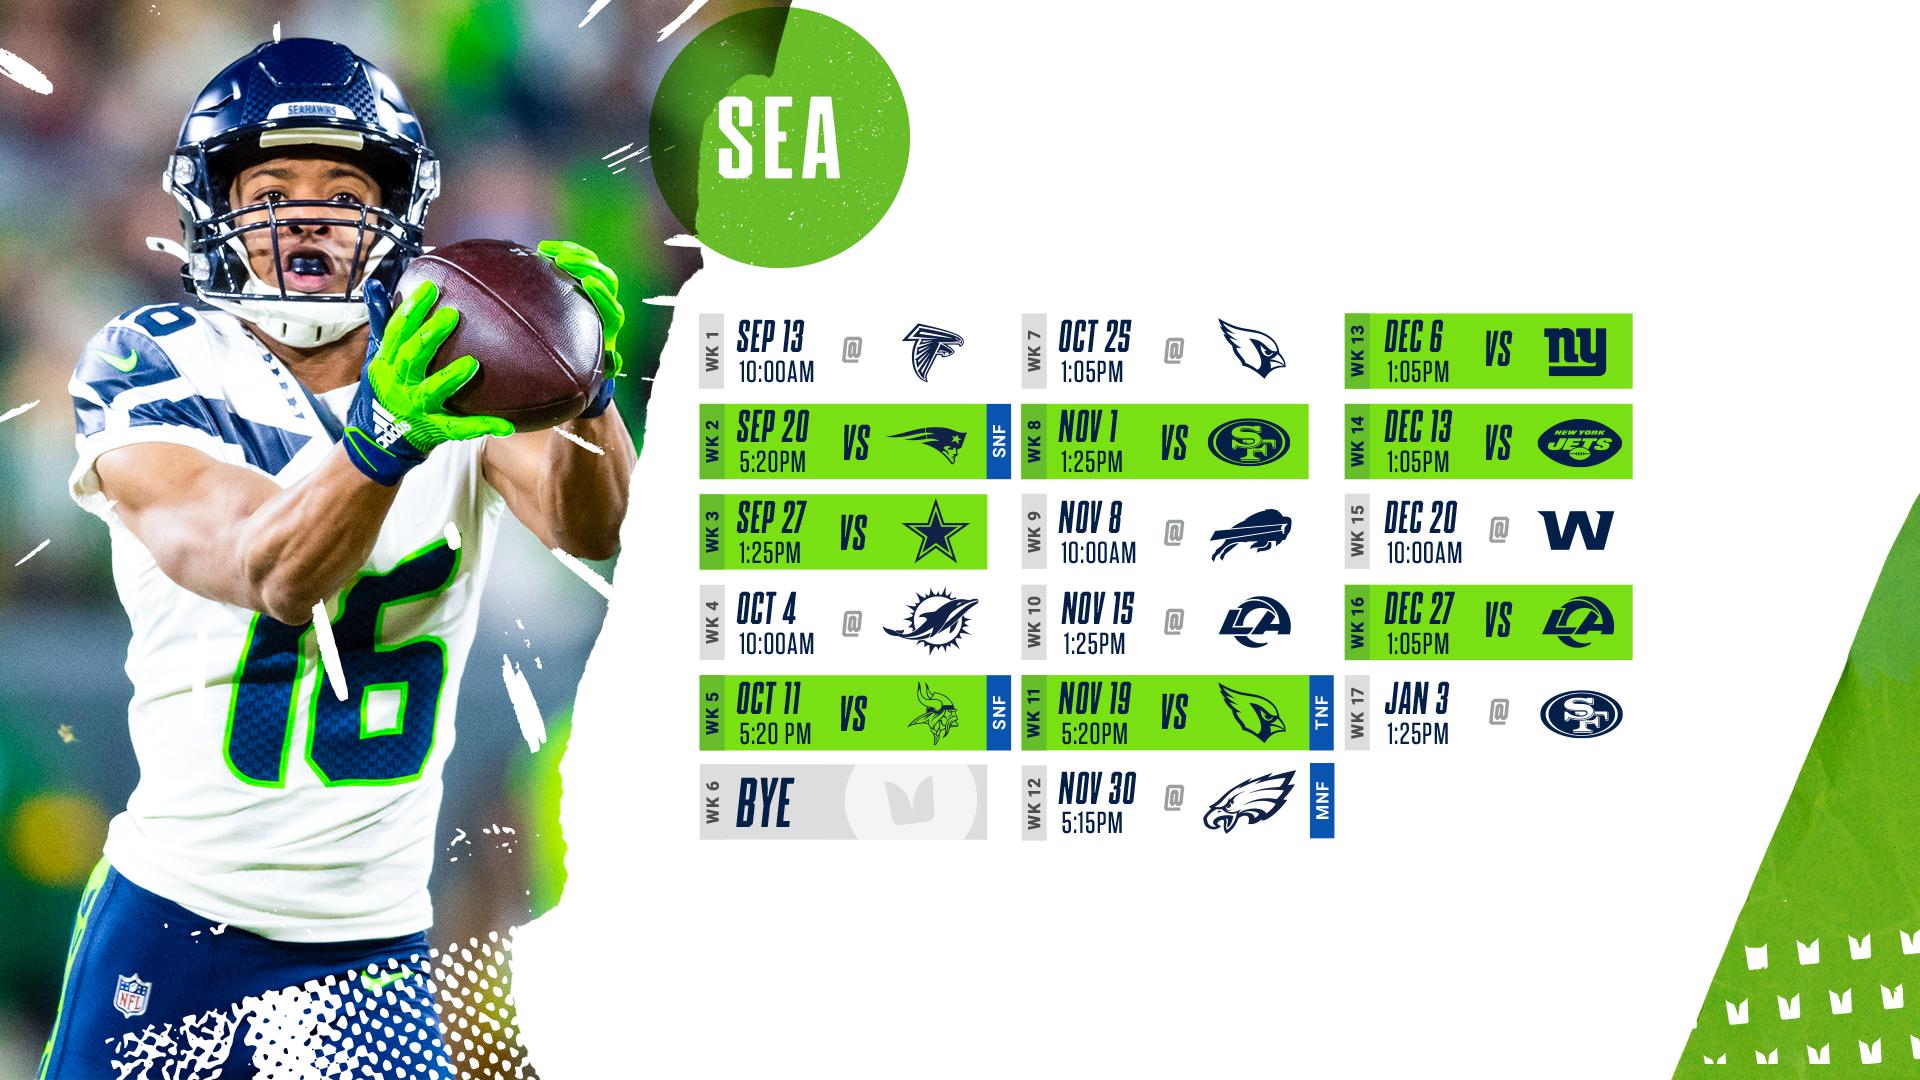 Seahawks Desktop Tablet Wallpapers Seattle Seahawks seahawkscom 1920x1080